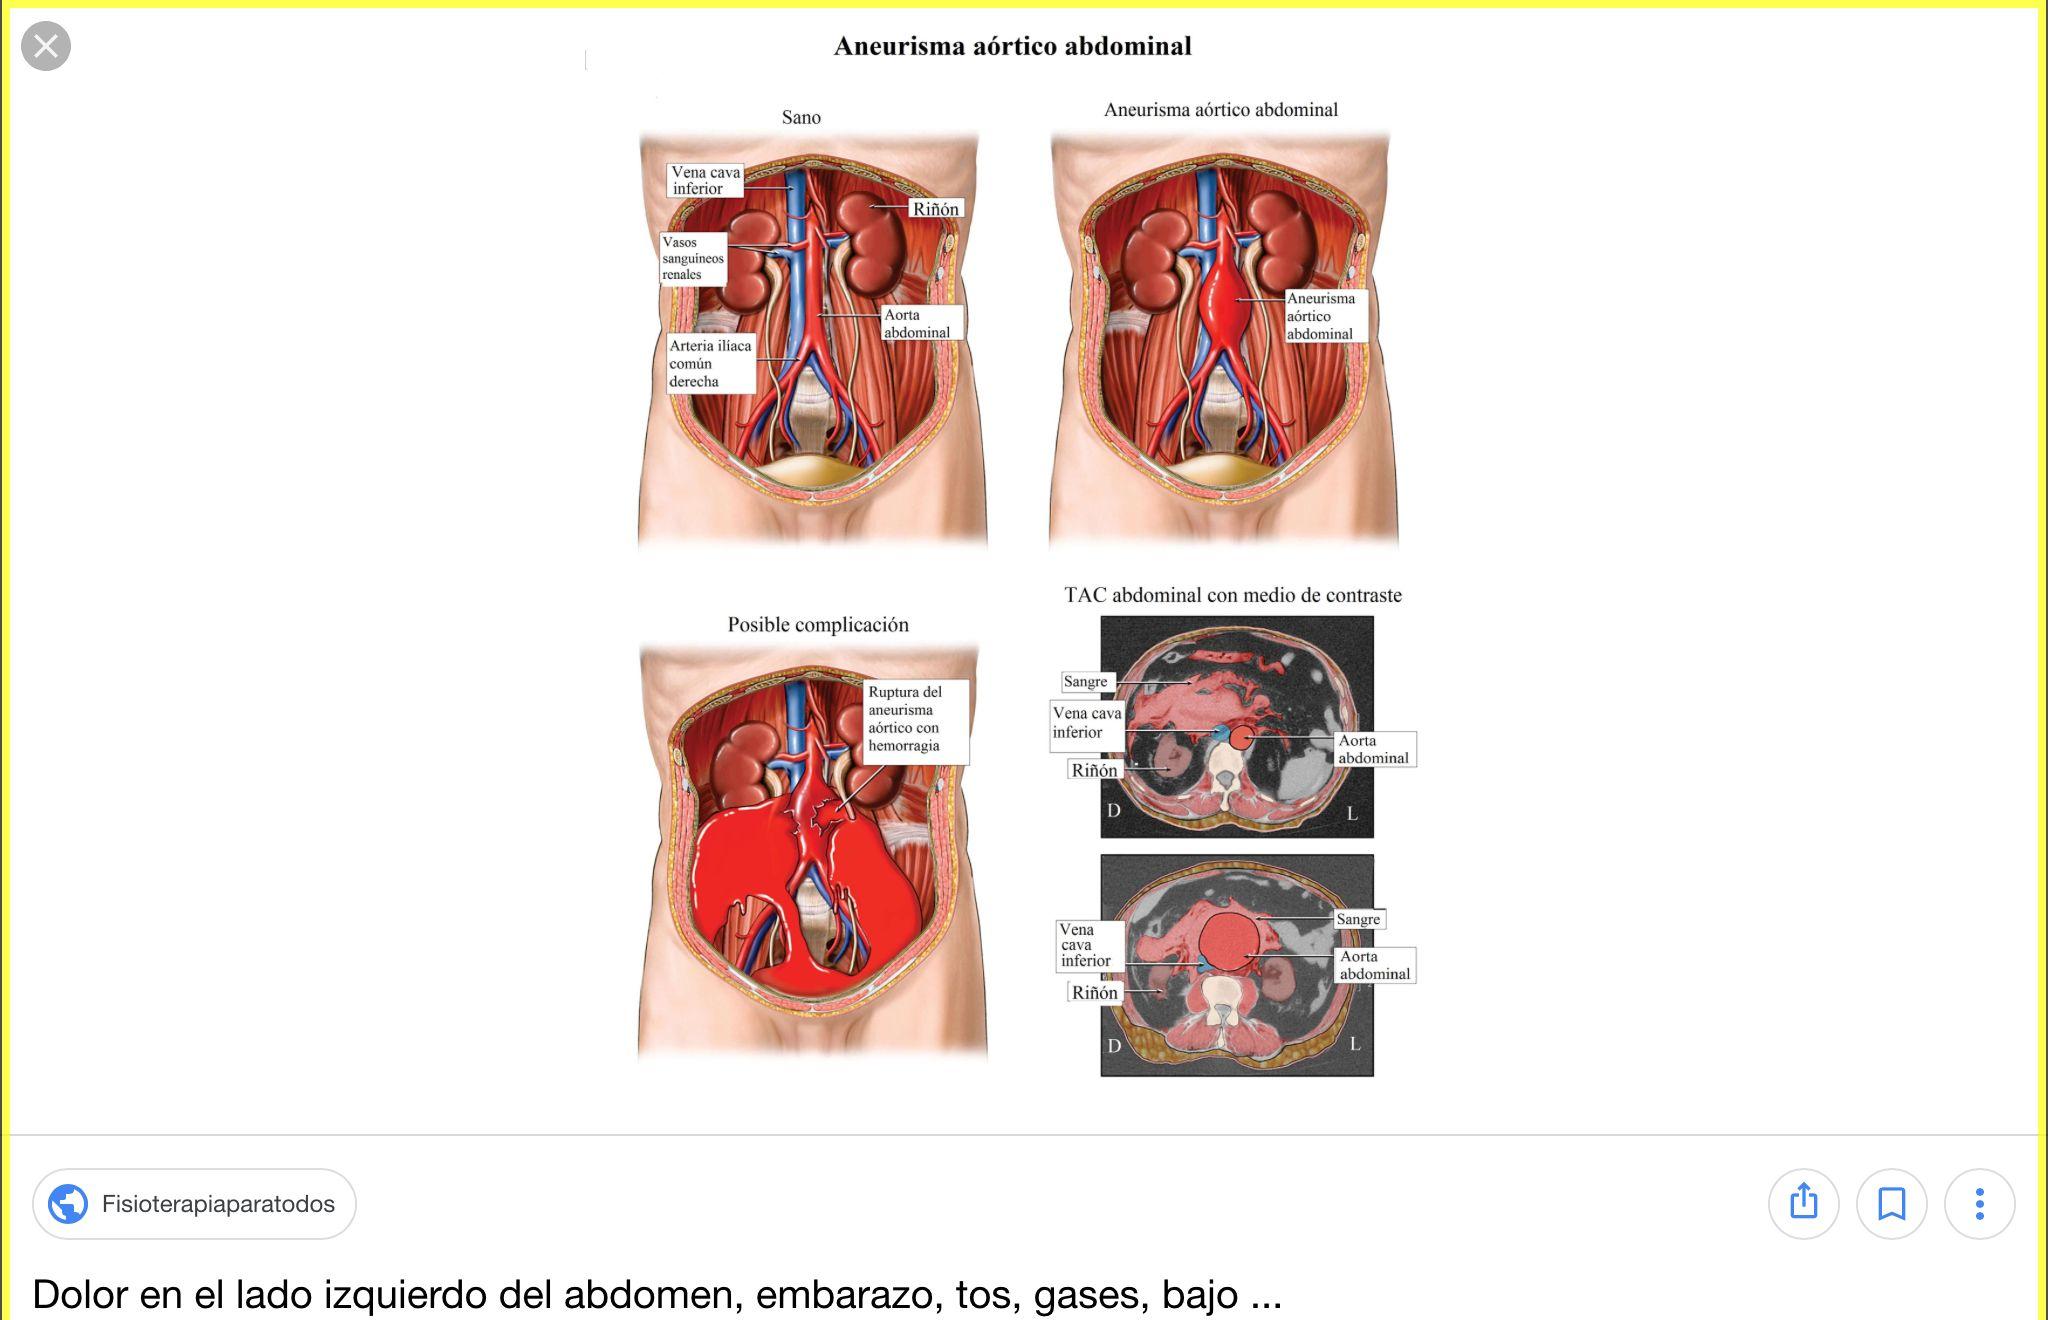 abdomen anatomia - Buscar con Google | Anatomia | Pinterest | Searching